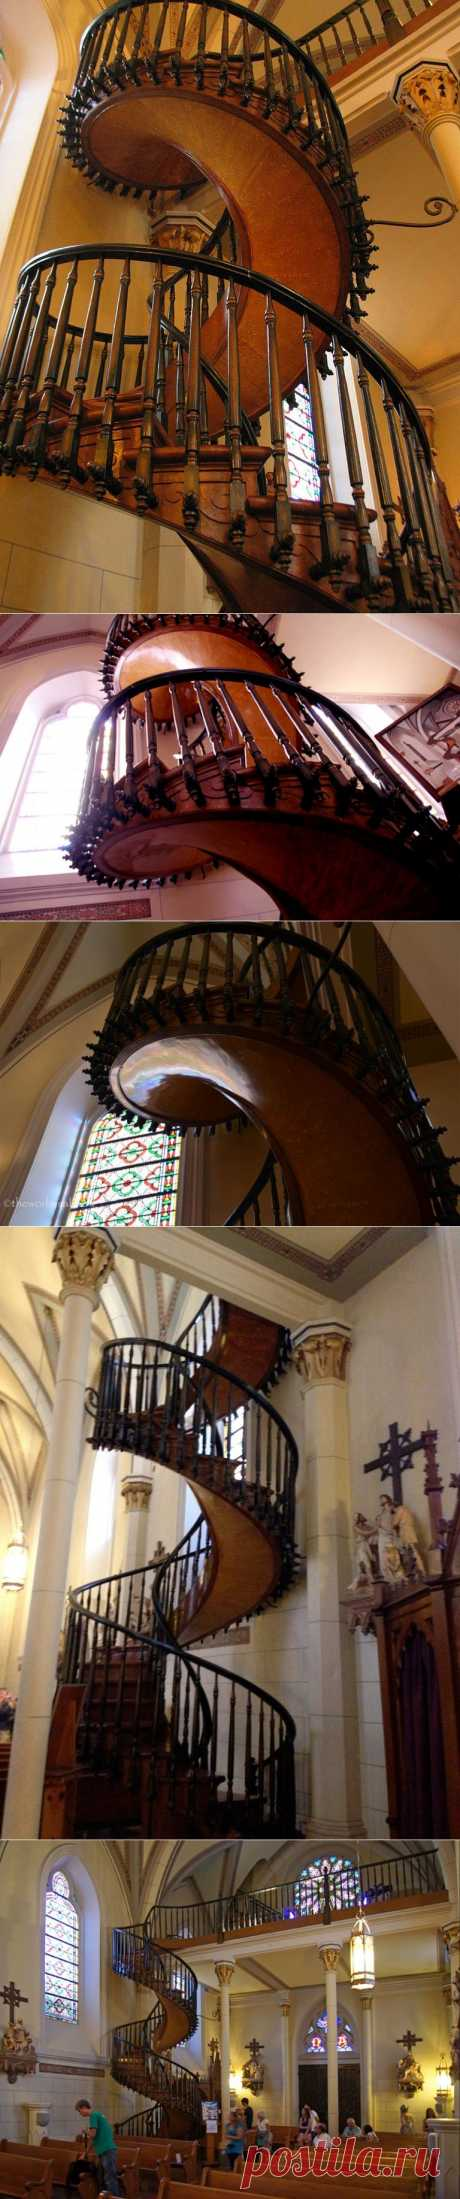 Чудесная лестница | Краснодеревщик